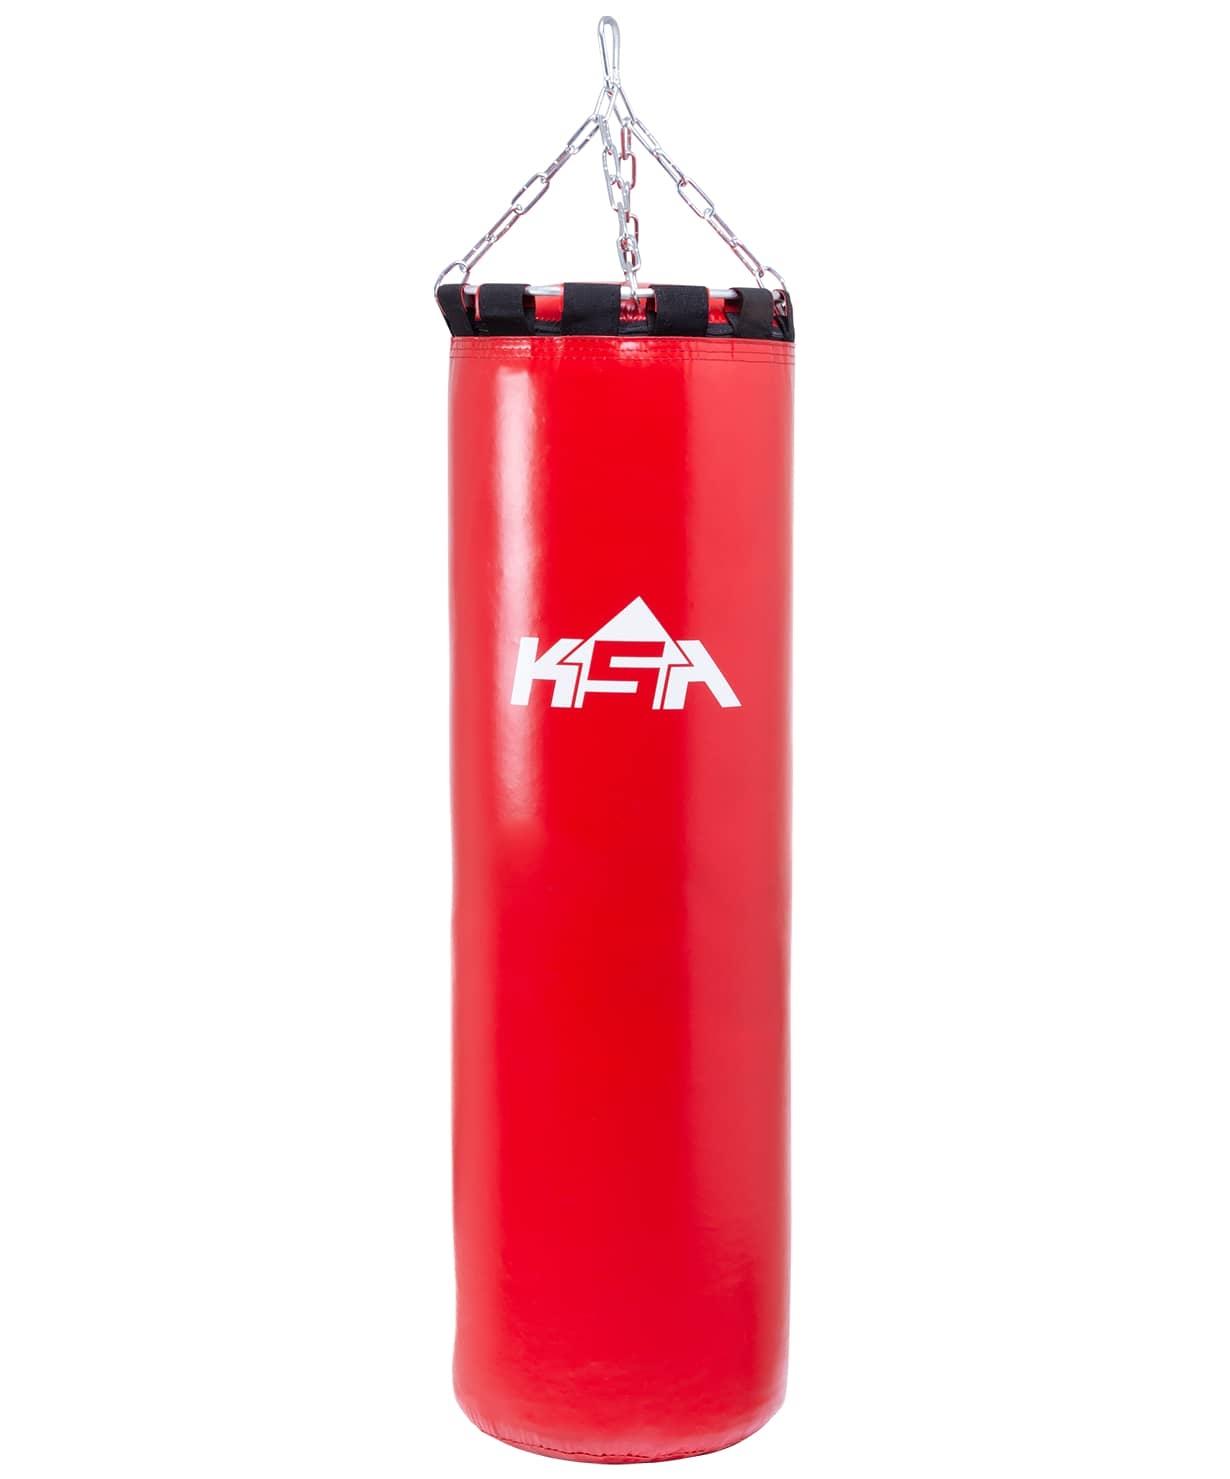 Мешок боксерский PB-01, 110 см, 40 кг, тент, красный